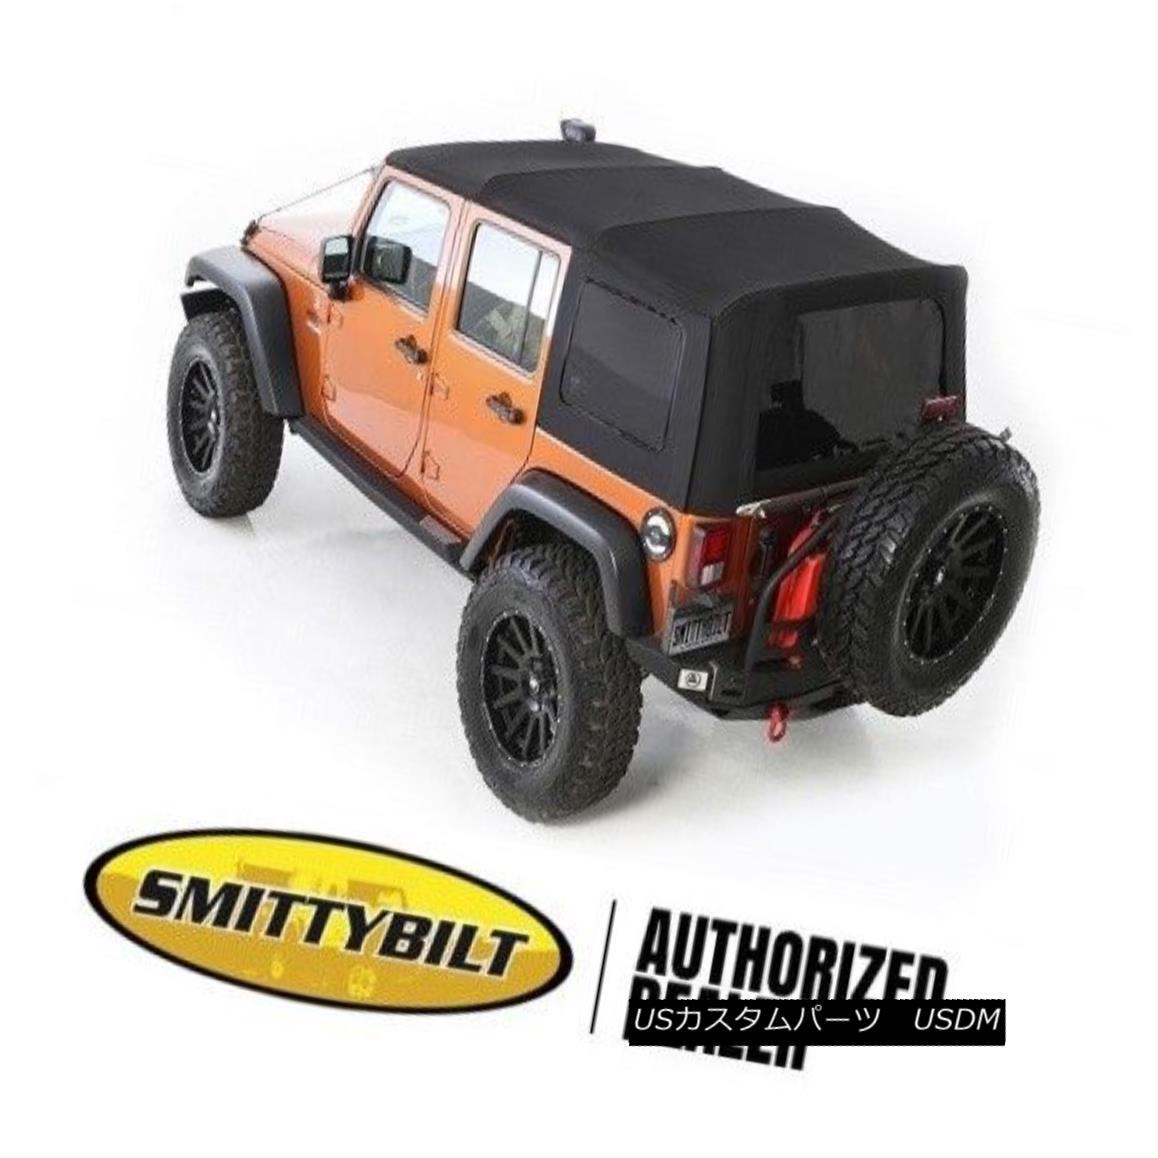 幌・ソフトトップ Smittybilt Premium Replacement Soft Top 07-09 Jeep Wrangler JKU 4 Door 9084235 Smittybiltプレミアム交換ソフトトップ07-09ジープラングラーJKU 4ドア9084235